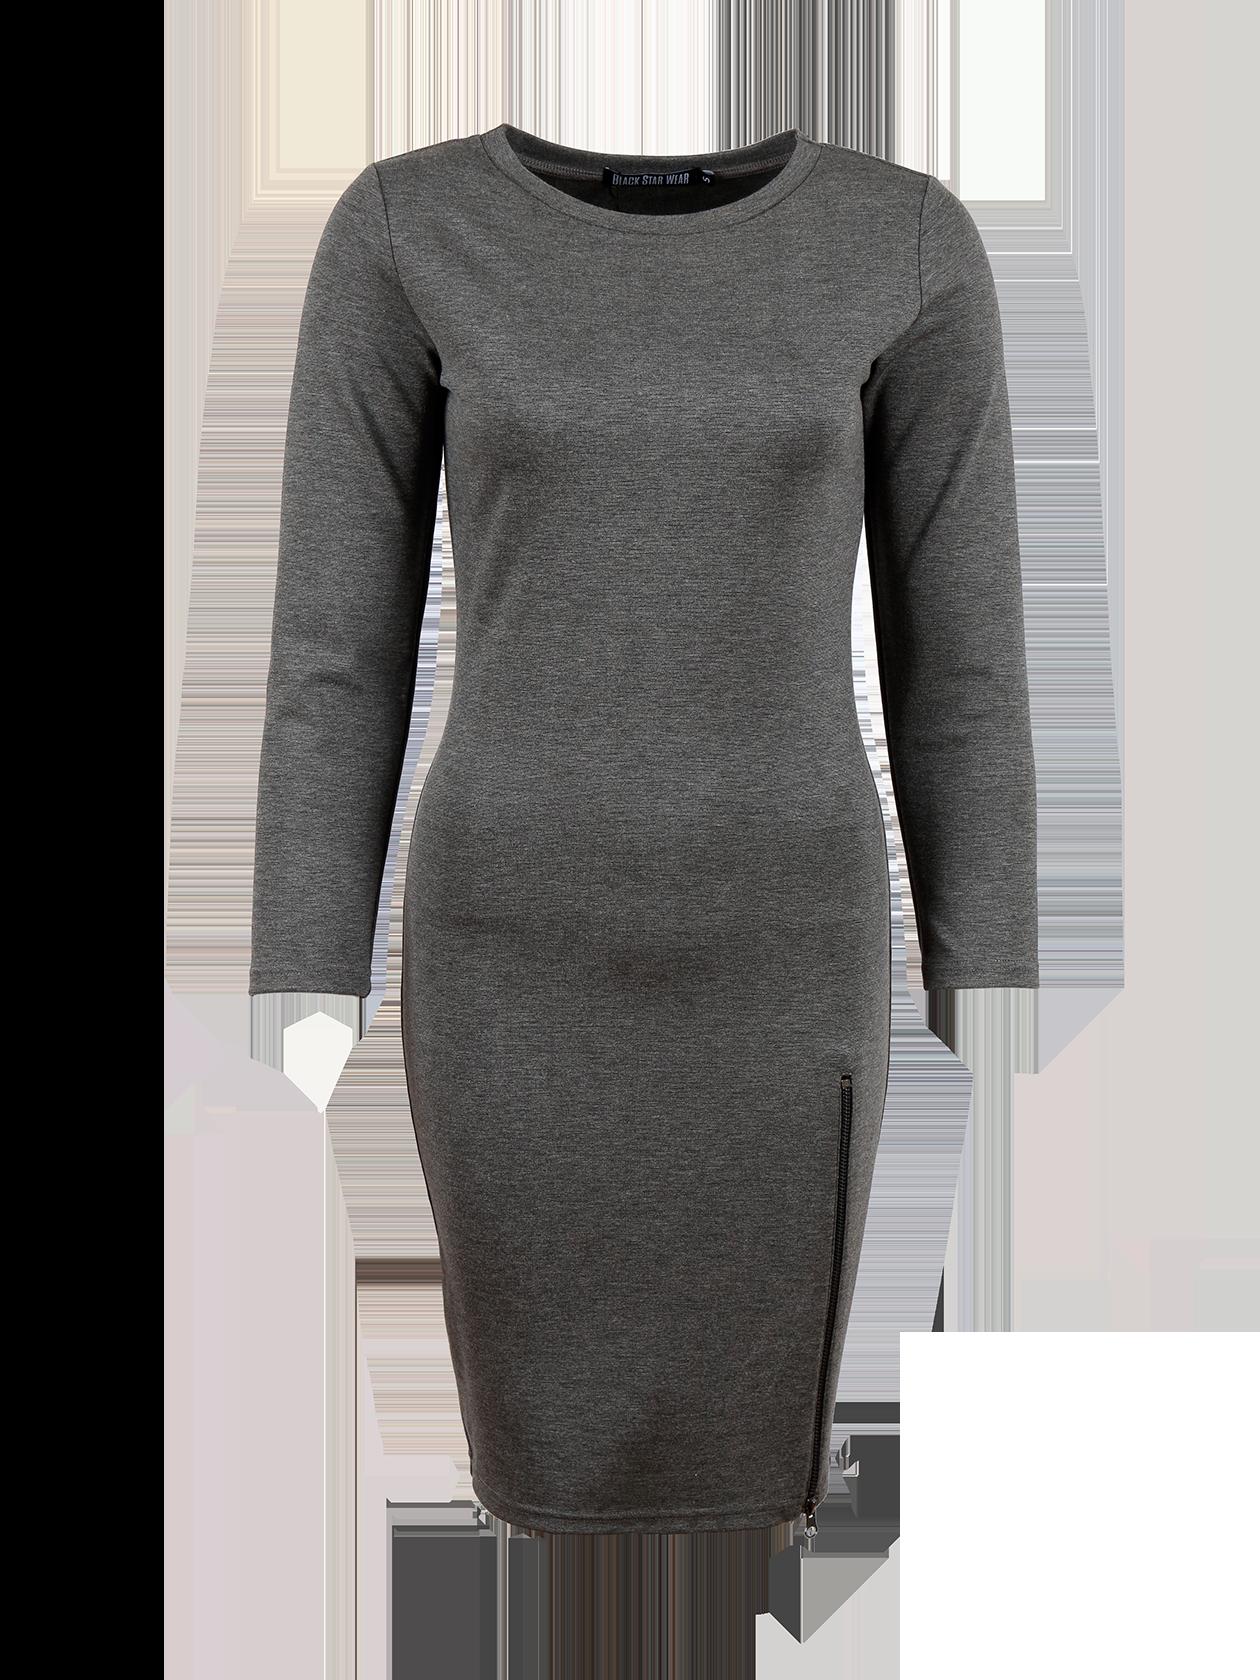 Платье женское SKINNY ZIP 13Платье женское Skinny Zip 13 создано для тех, кто привык себя считать иконой стиля даже при походе в магазин. Если вы находитесь в поисках своего идеального и неповторимого образа, то это именно то, что нужно. Вдохновляющее, пленительное, в меру сексуальное и одновременно комфортное. Пожалуй, лучшего варианта для уверенной в себе и привлекательной девушки не существует. Боковая молния до линии бедер подчеркнет яркость своей хозяйки. Выберите для себя лучшее цветовое решение – черное или серое.<br><br>Размер: S<br>Цвет: Темно-серый<br>Пол: Женский